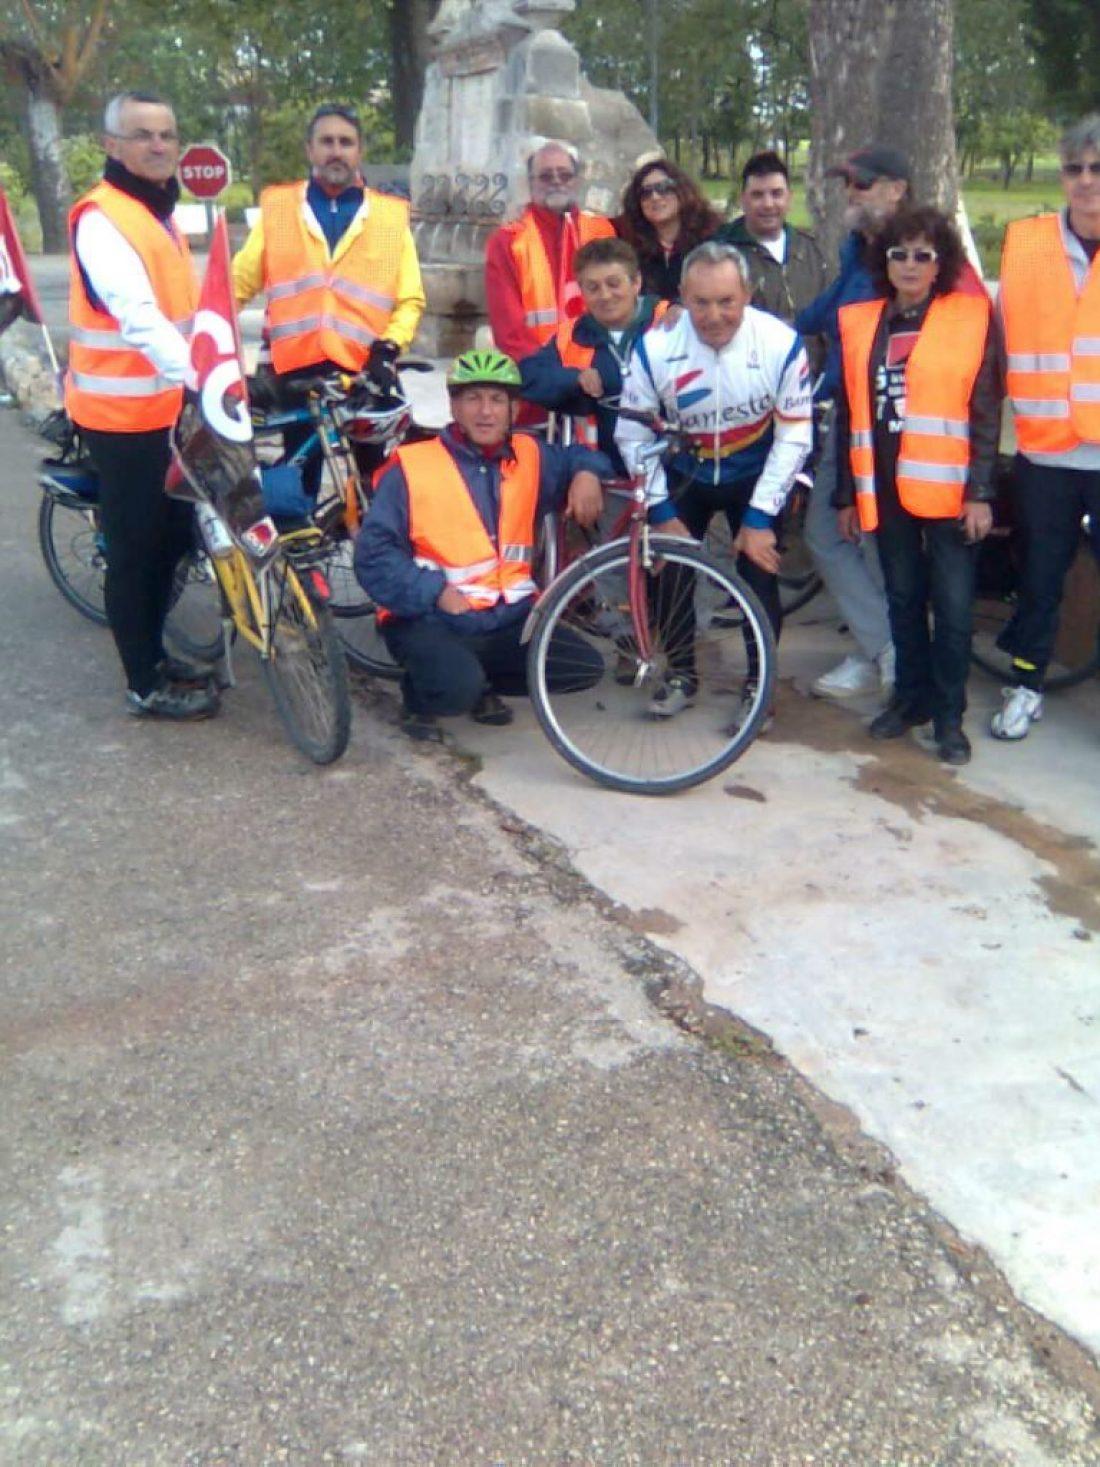 La marcha ciclista valenciana contra la crisis lleva recorridos 300 kilómetros